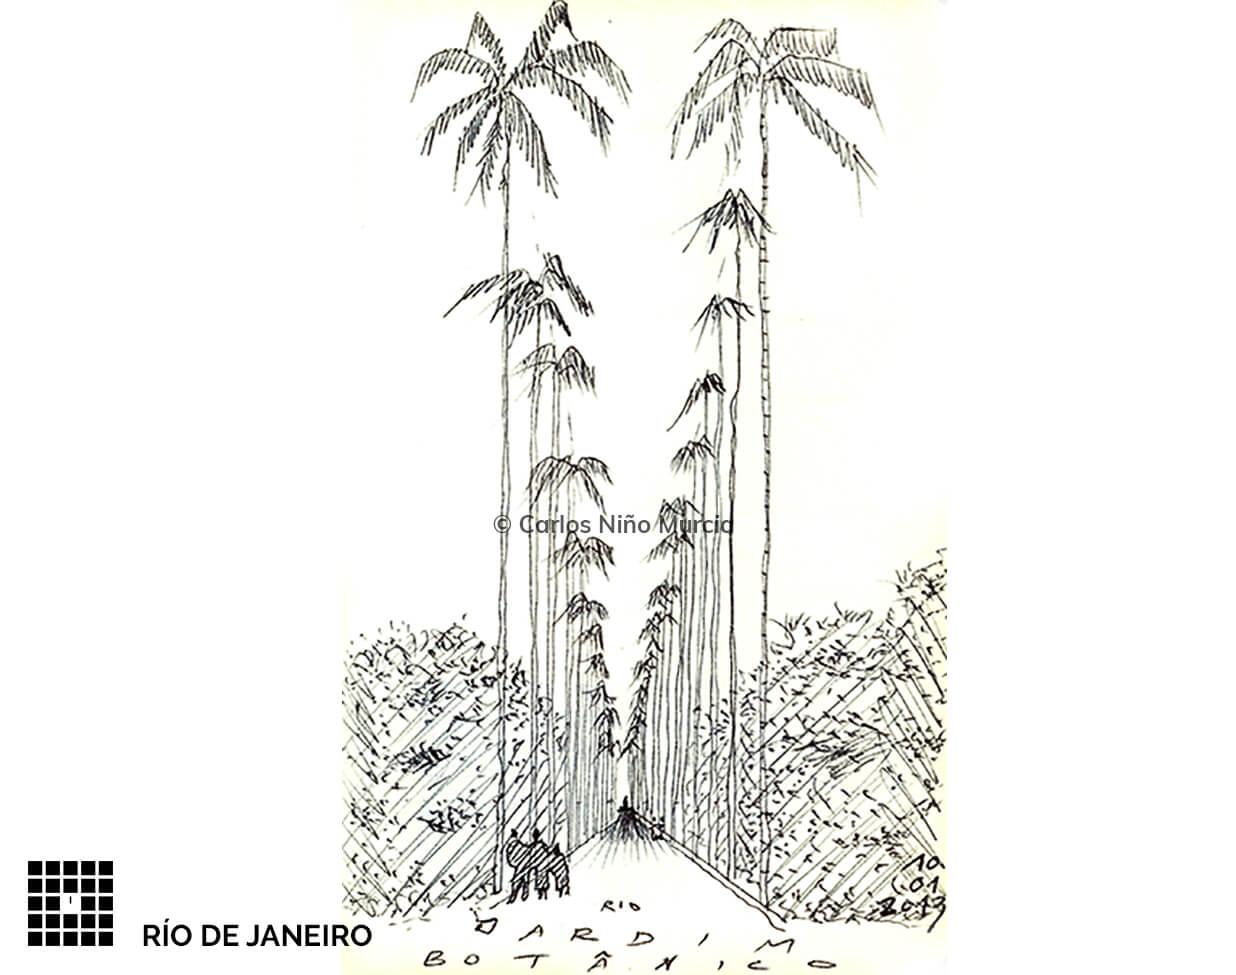 dibujo-arq-34